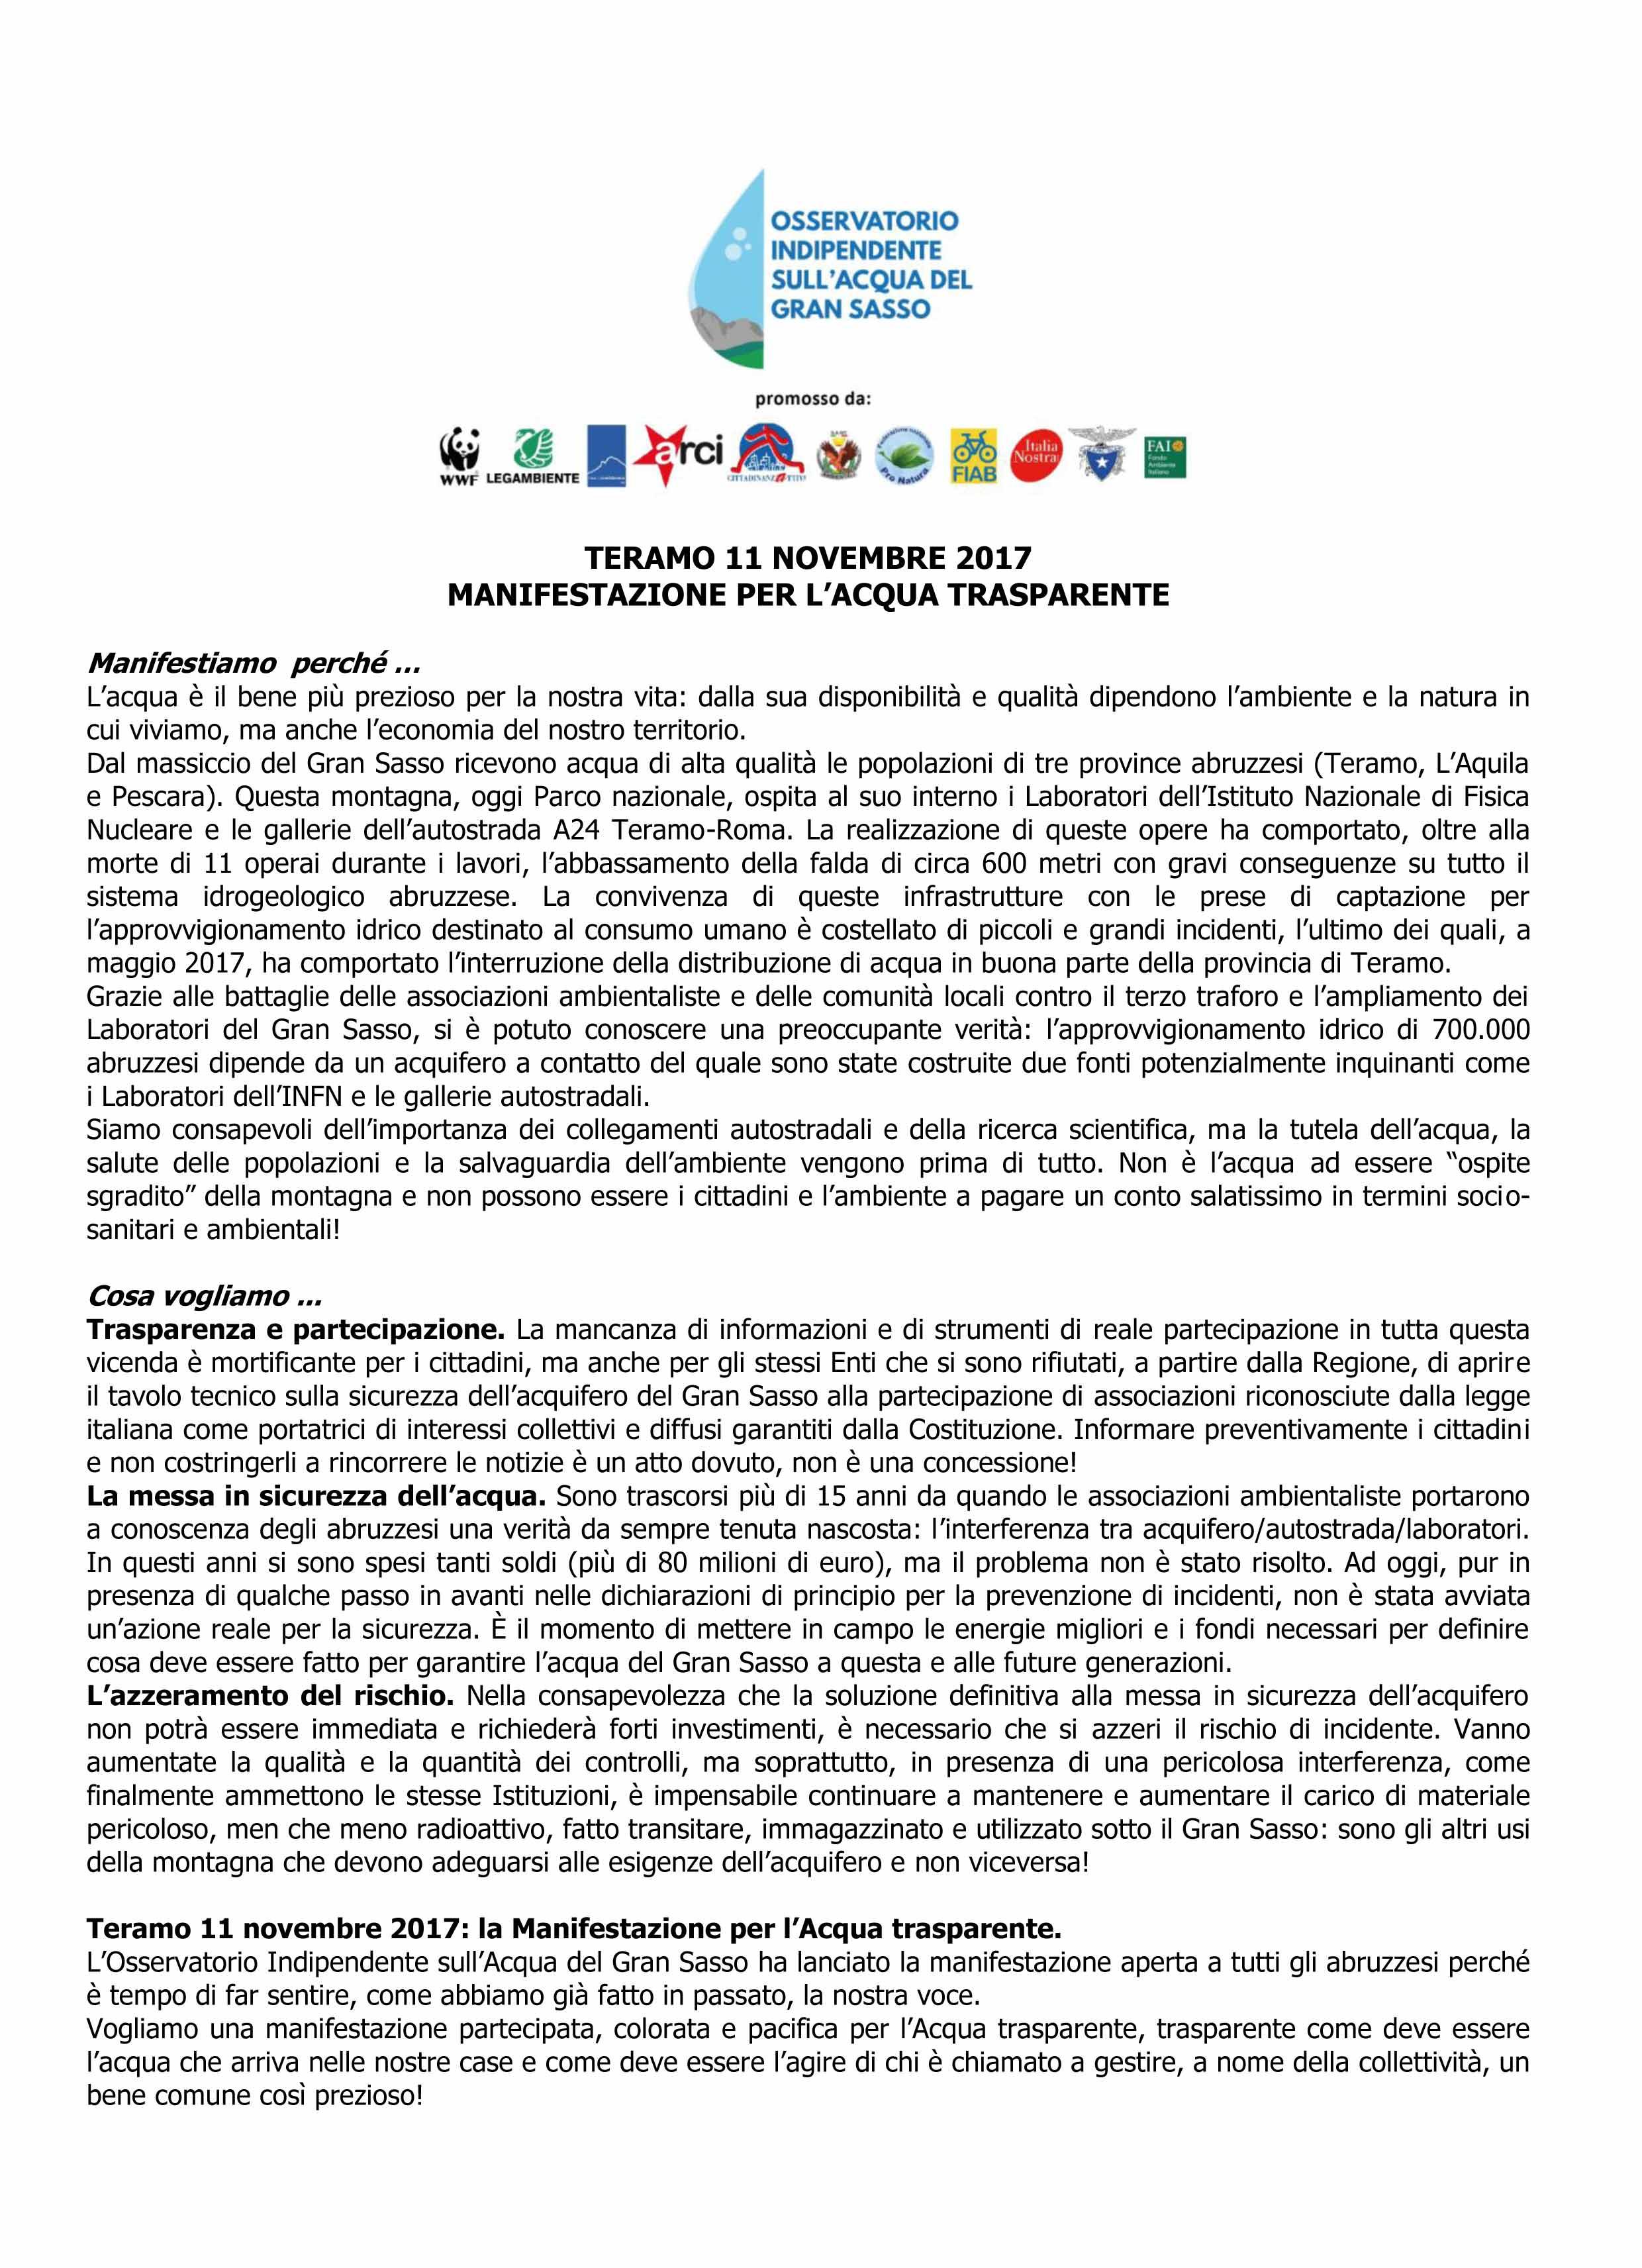 2017_11_11_appello_manifestazione_per_l_acqua_trasparente